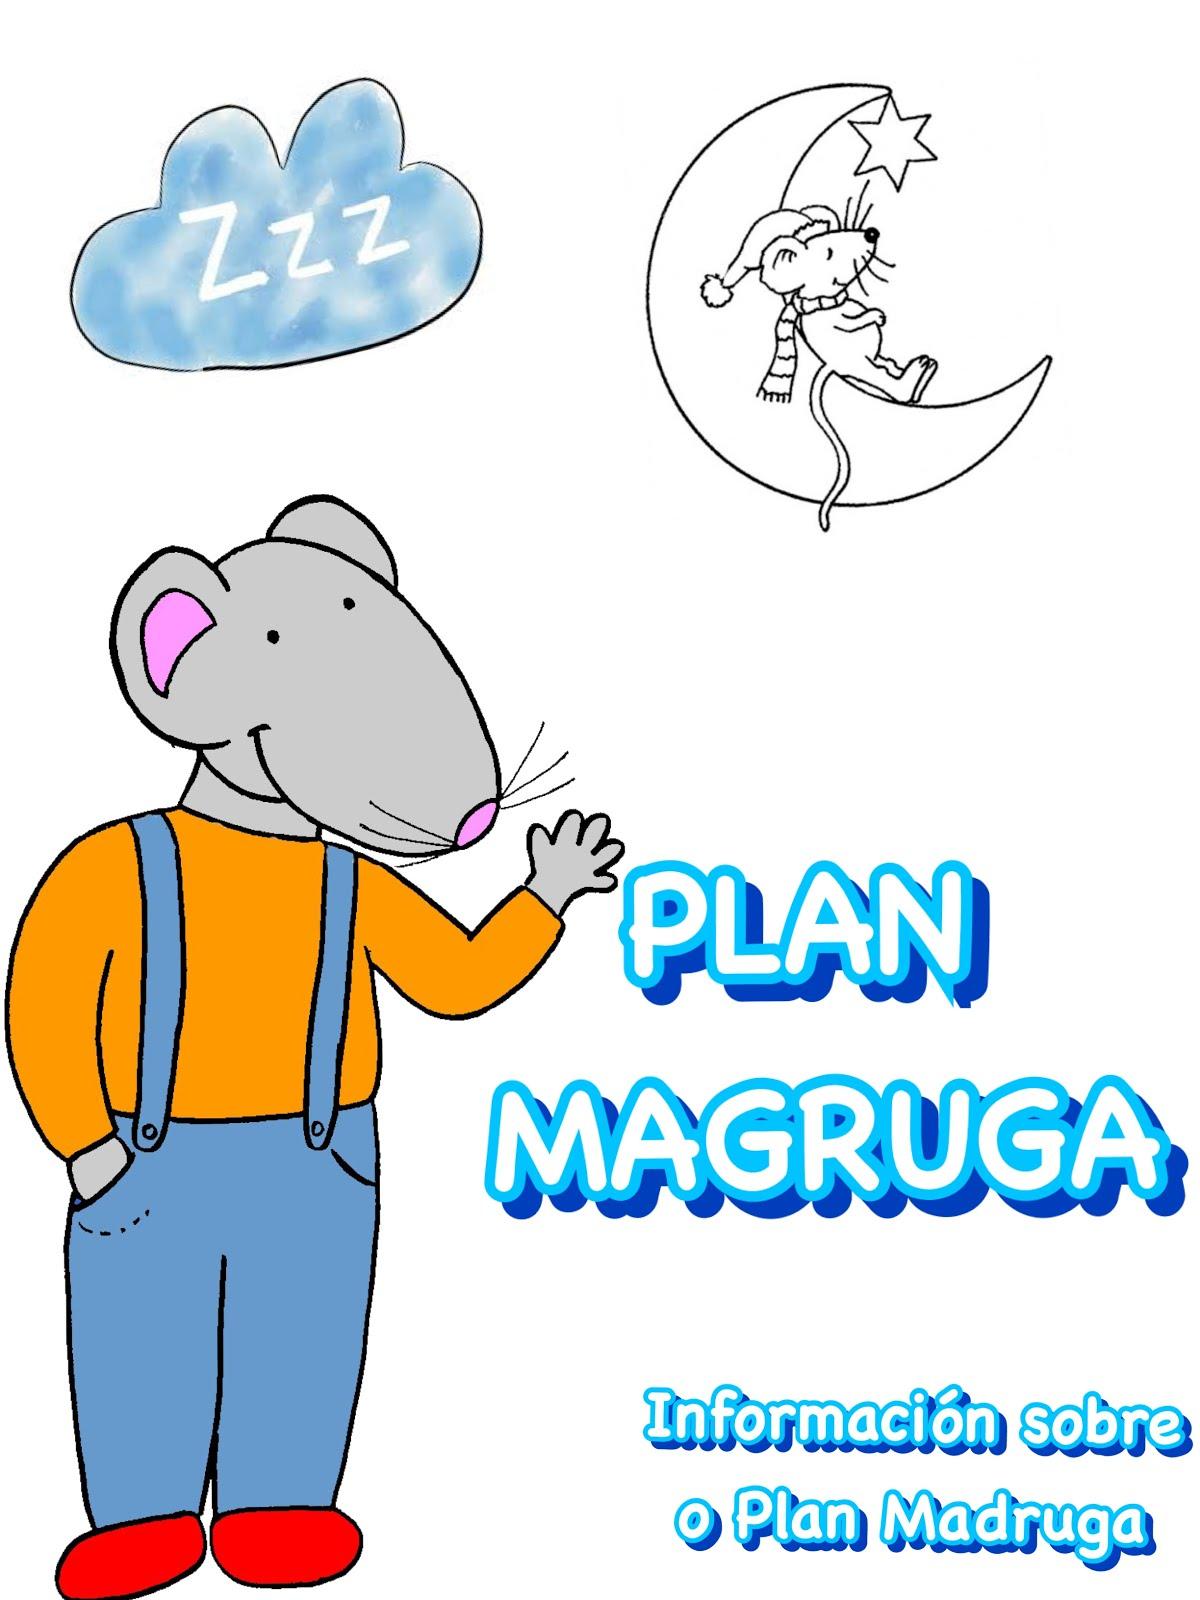 O PLAN MADRUGA